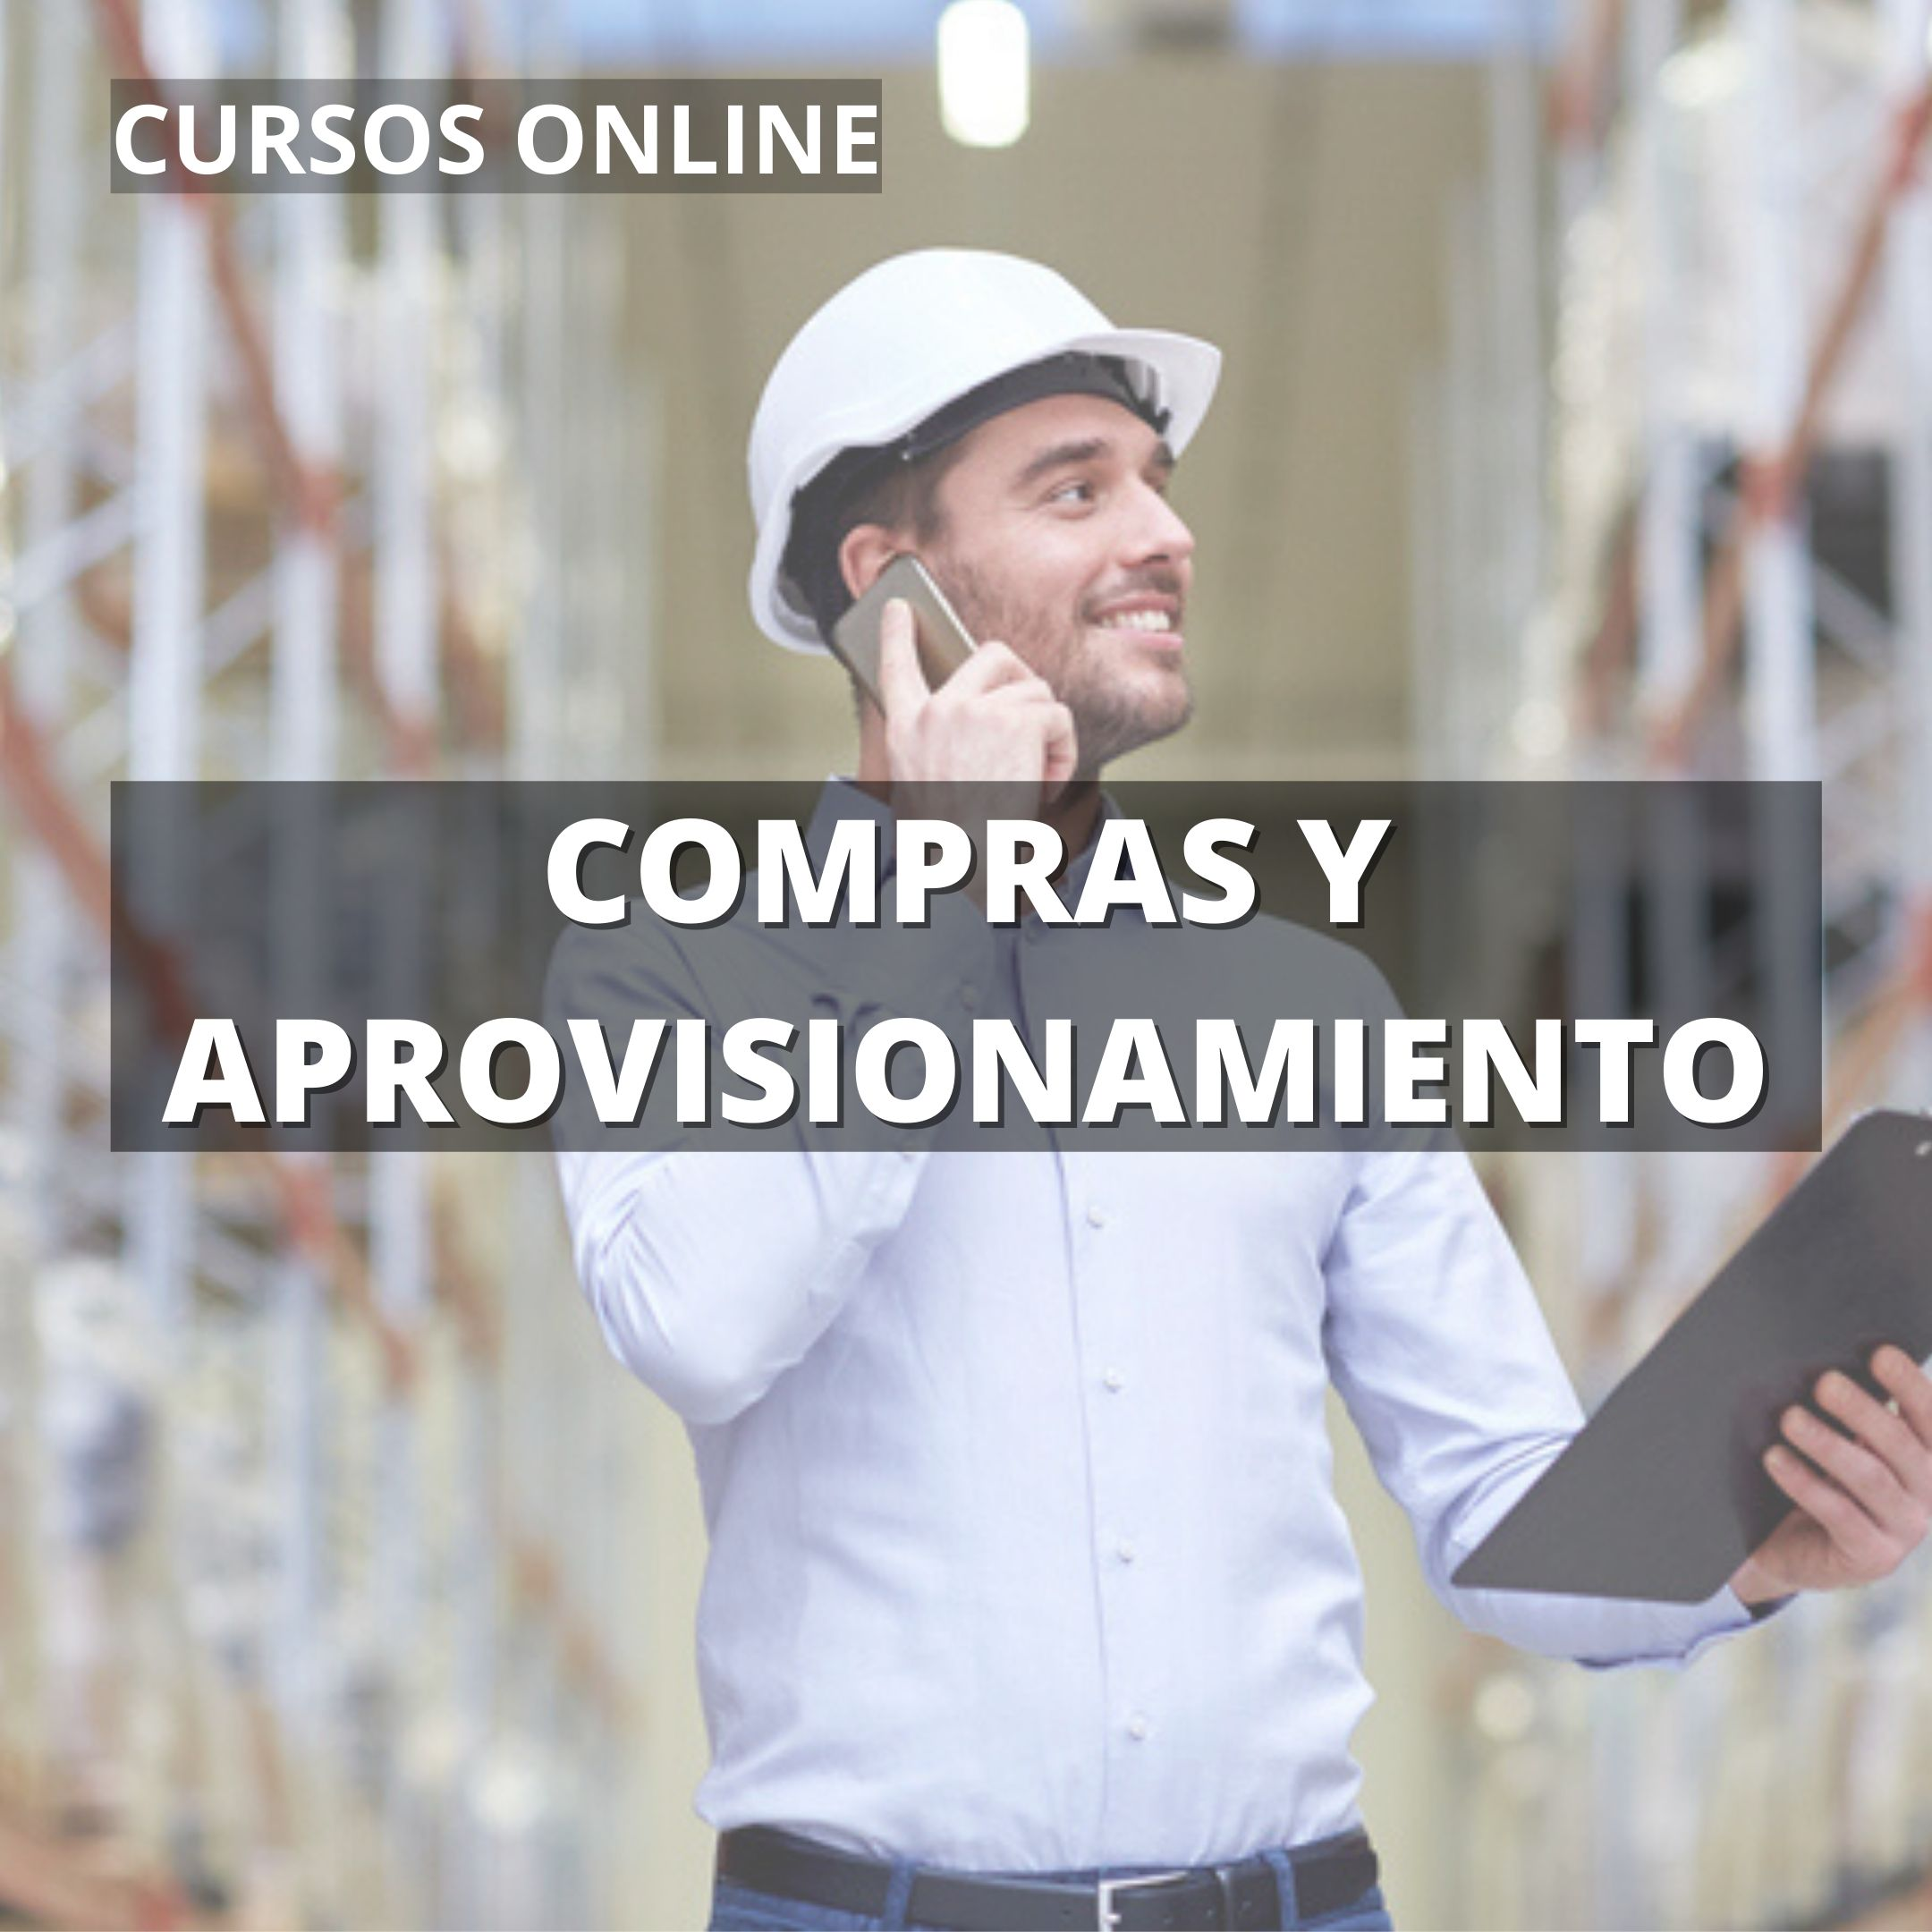 cursos online de compras y aprovisionamientos